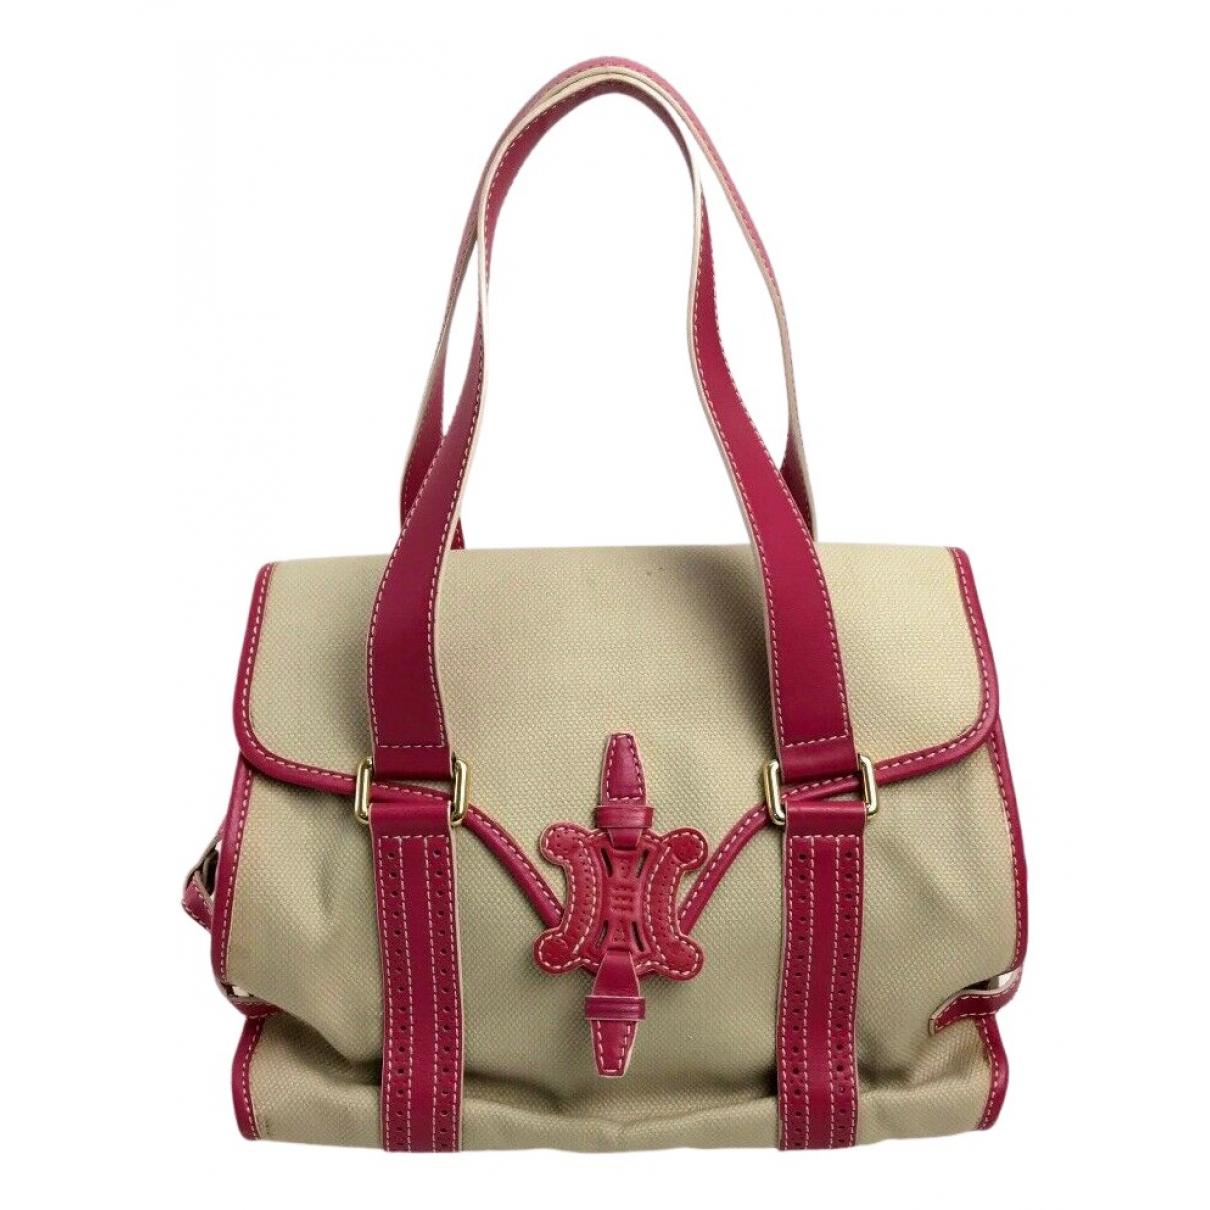 Celine N Beige Cloth handbag for Women N